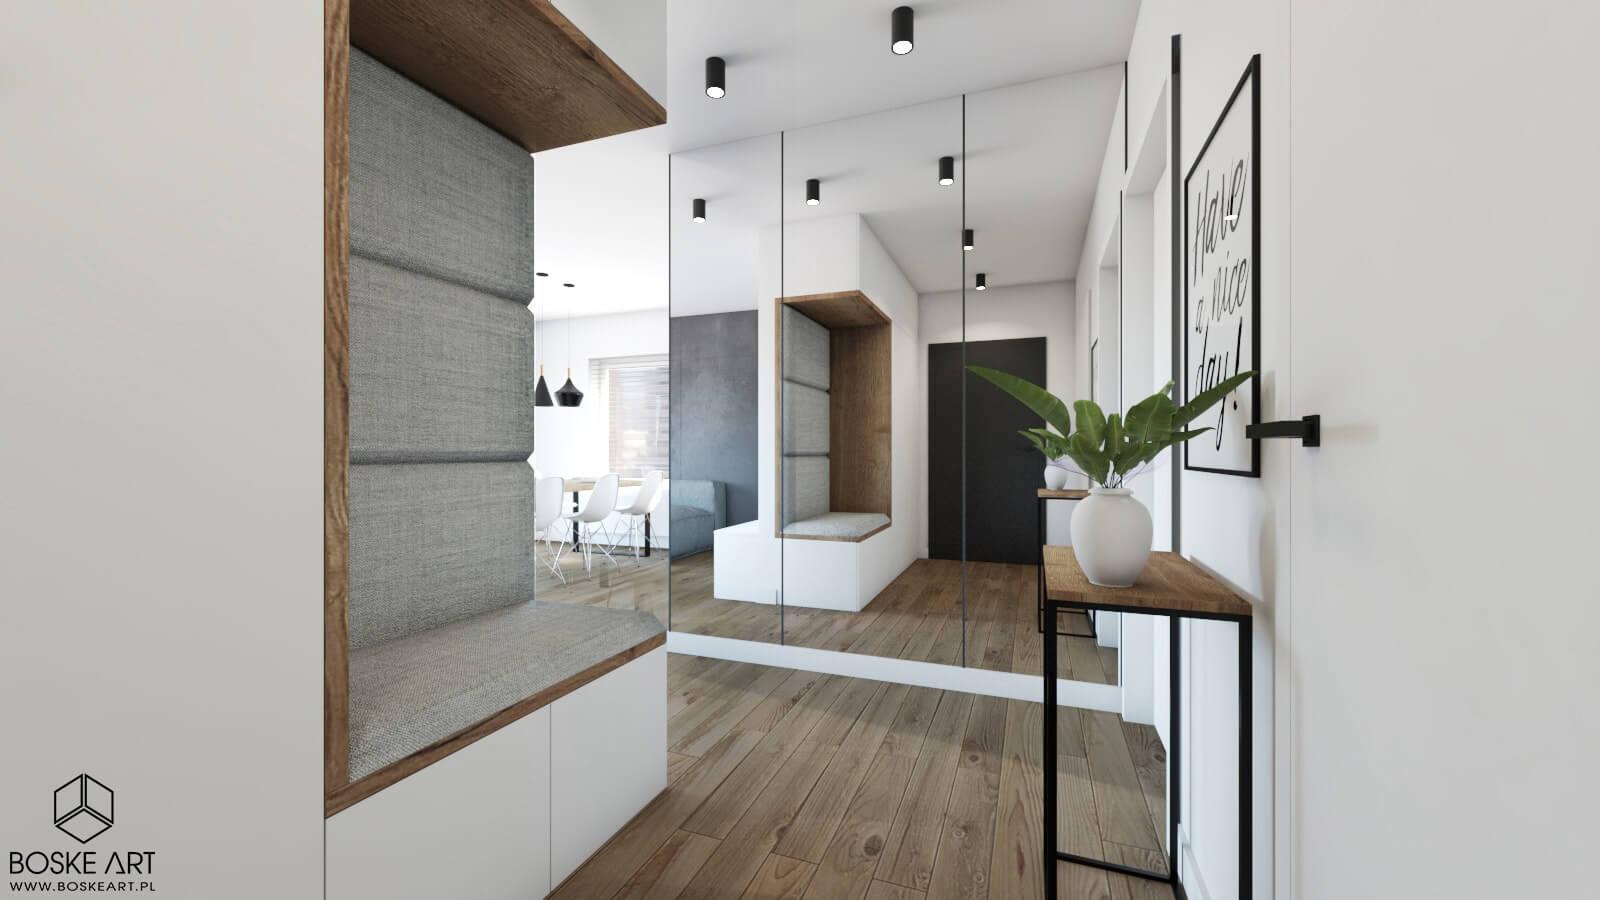 duze_mieszkanie_poznan_boske_art_projektowanie_wnetrz_architektura_natalia_robaszkiewicz-min